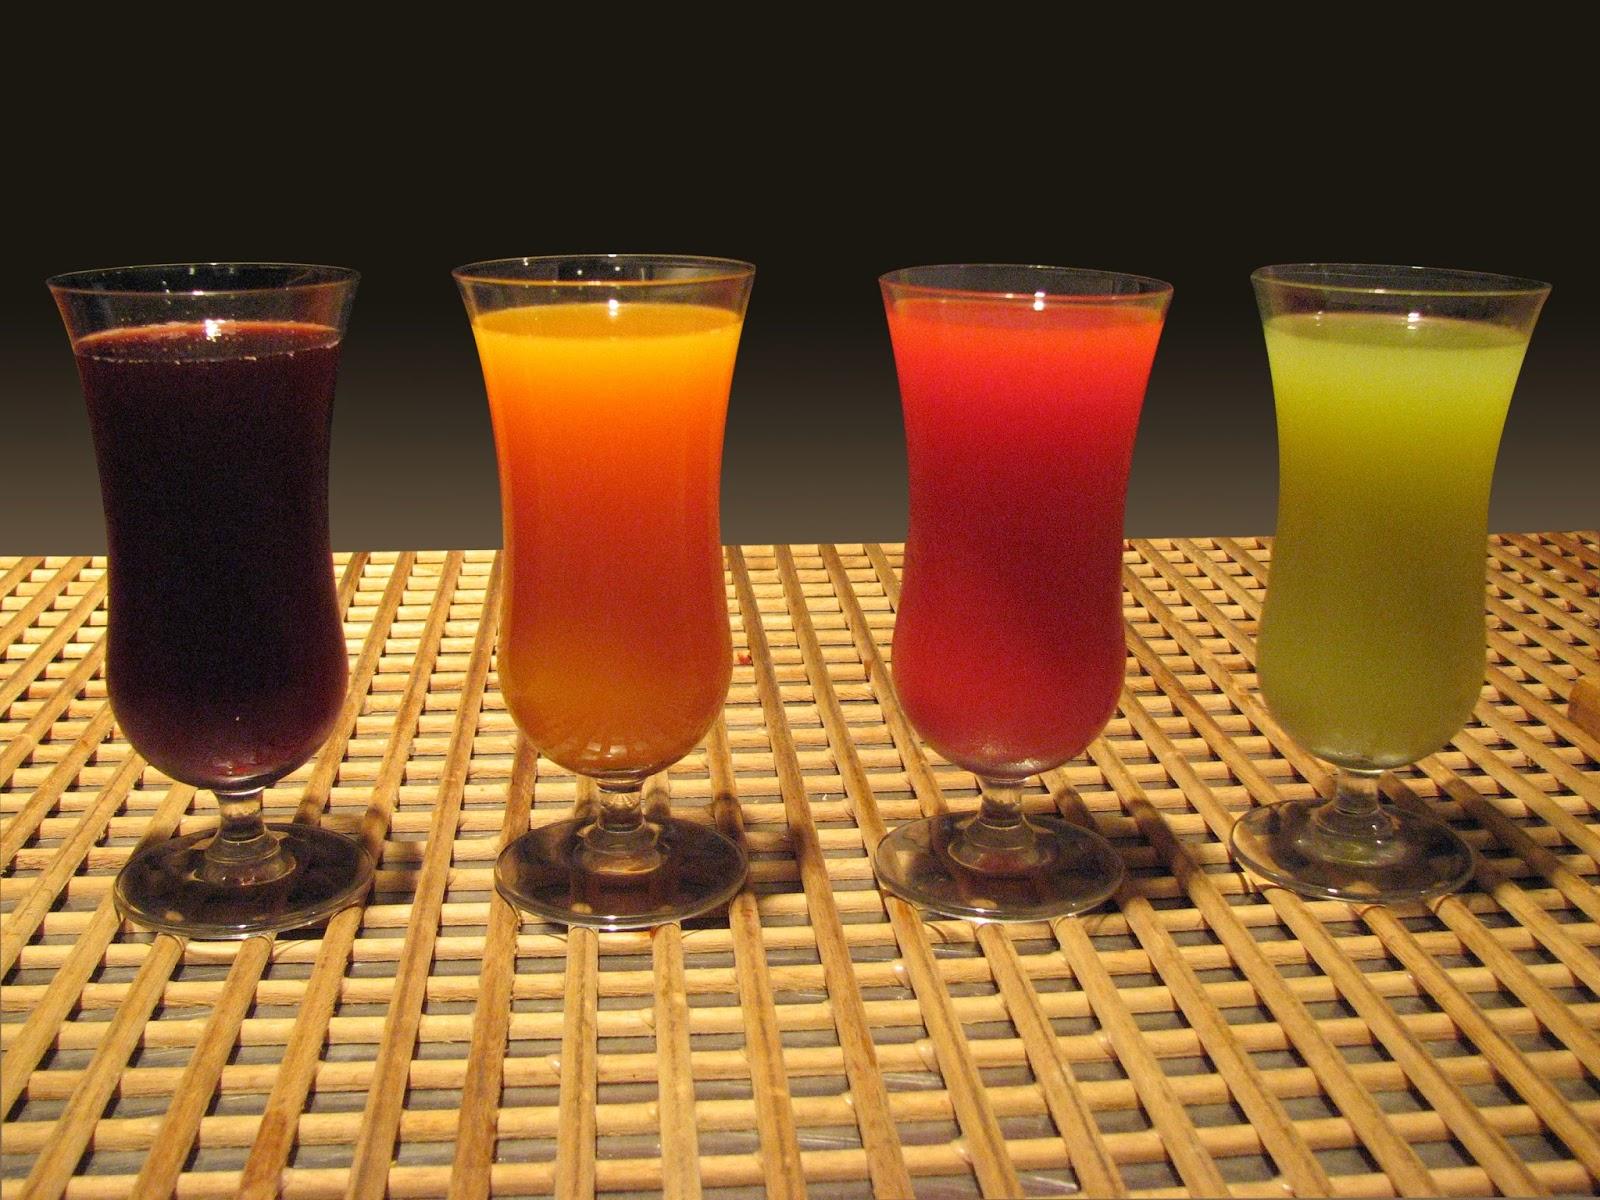 Emagreça com os sucos. Além de emagrecer eles também melhoram a saúde, limpando o organismo de toxinas... Aprenda a fazer suco de couve, suco de coco, suco de tomate, suco de uva, suco de melancia...